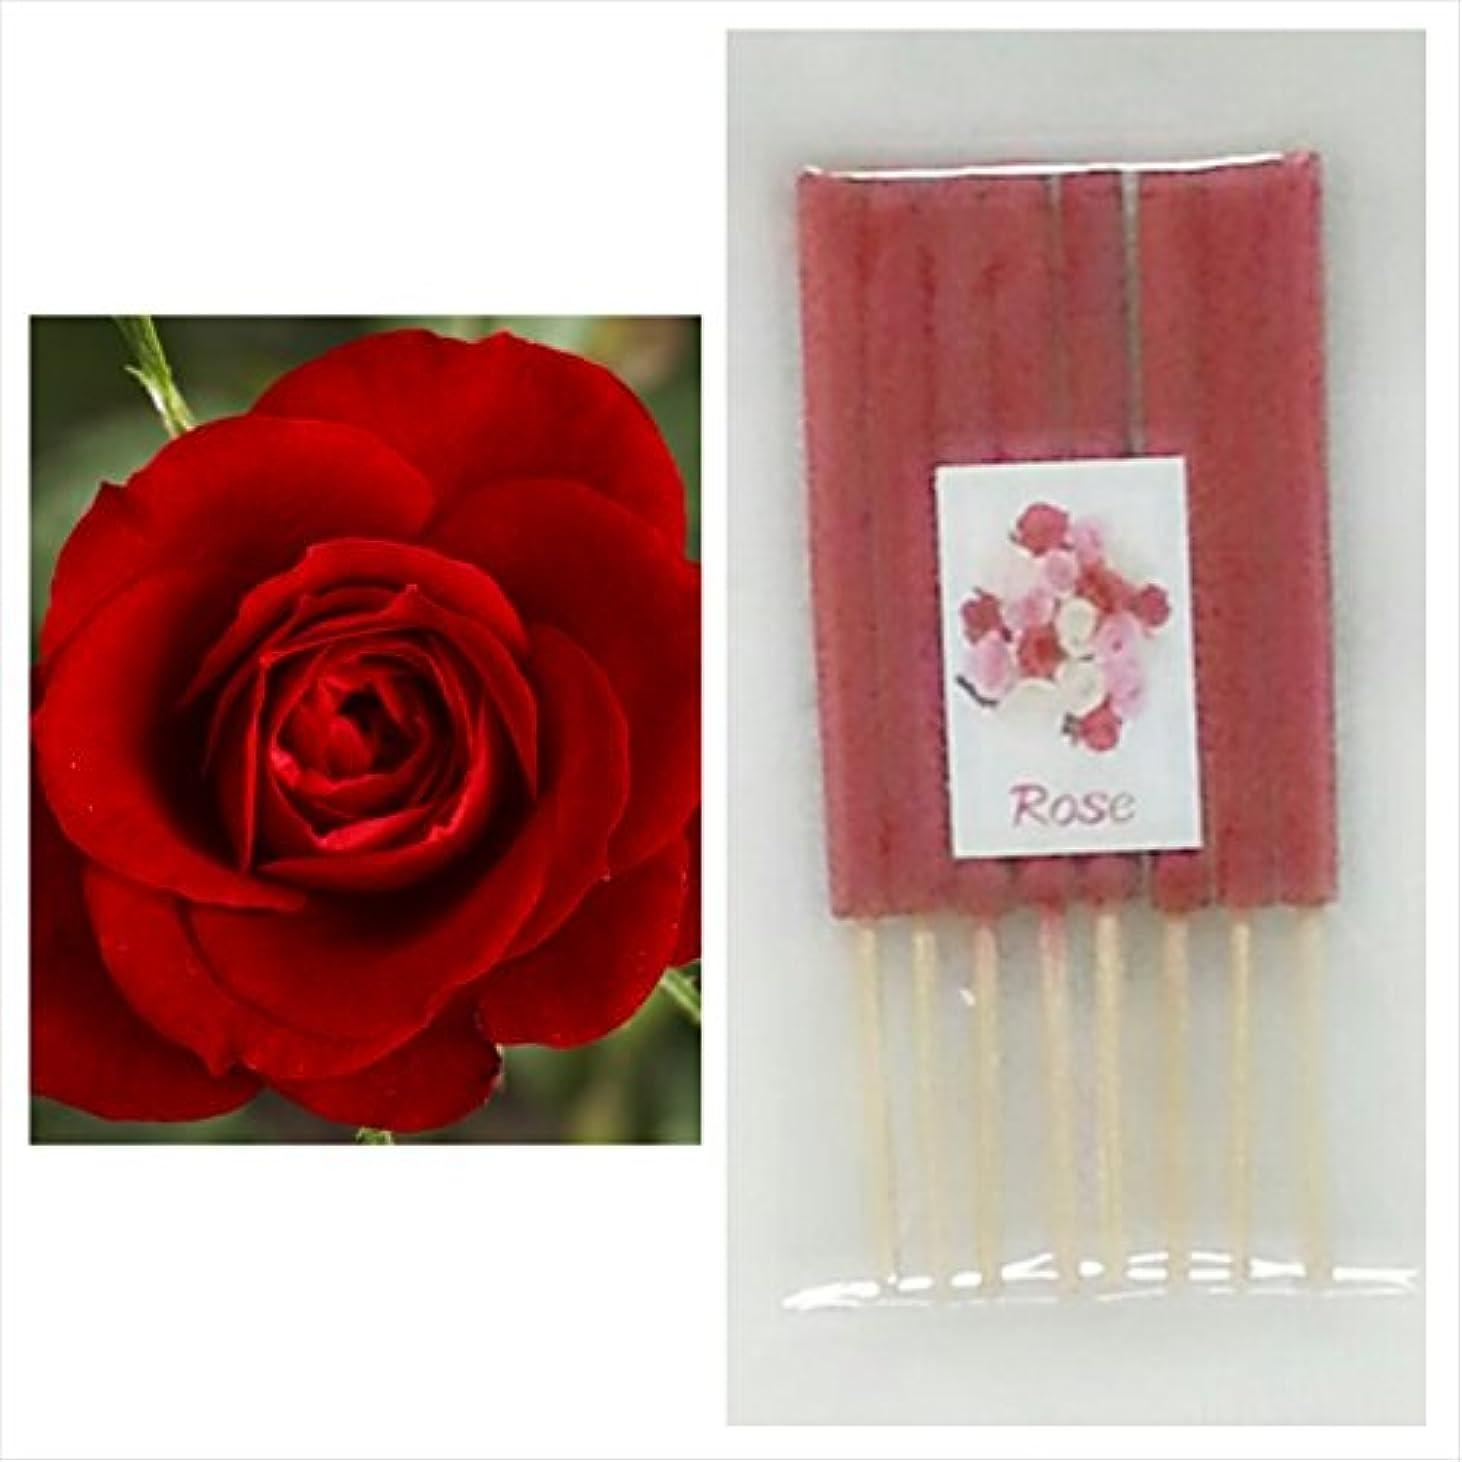 オフェンス基本的な補充ローズ香り80 Sticks Mini Incense Sticks Thai Spaアロマセラピーホームのハーブ&香料、長さ3